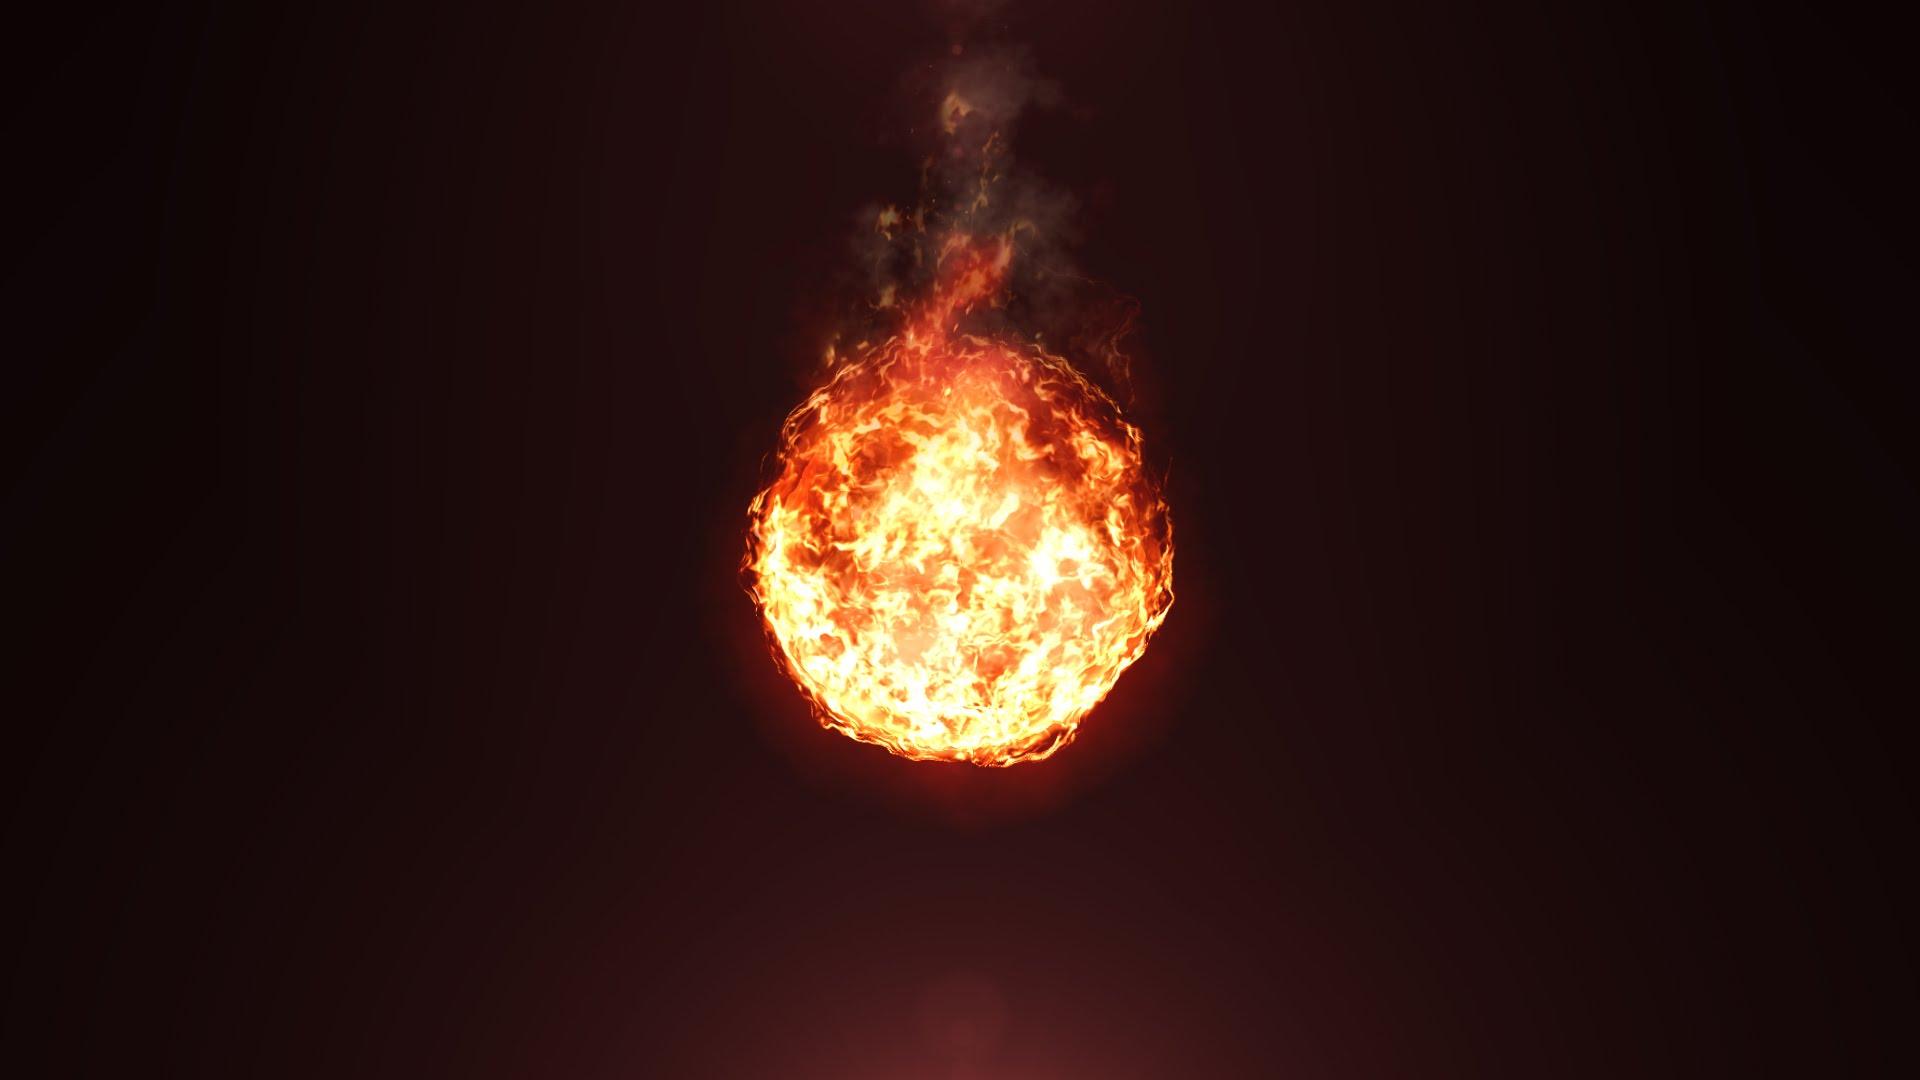 образом, фото огненных шаров туники